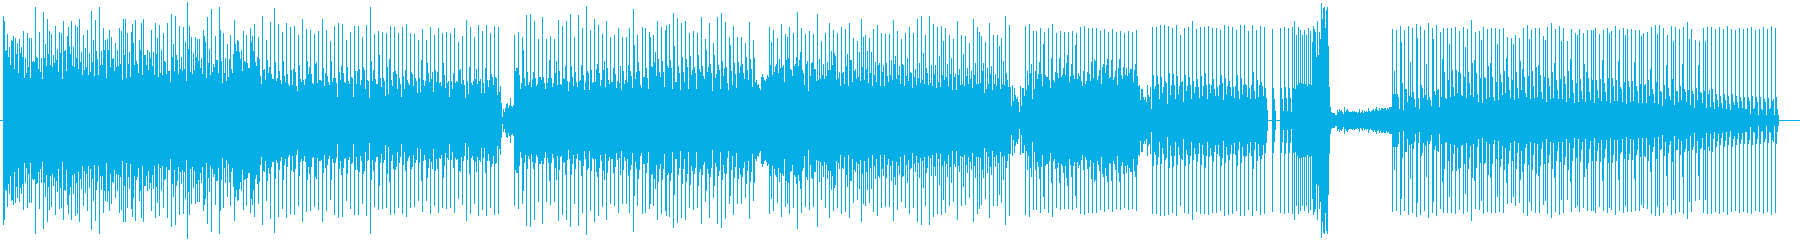 エレクトリックピアノ42の2つのパ...の再生済みの波形